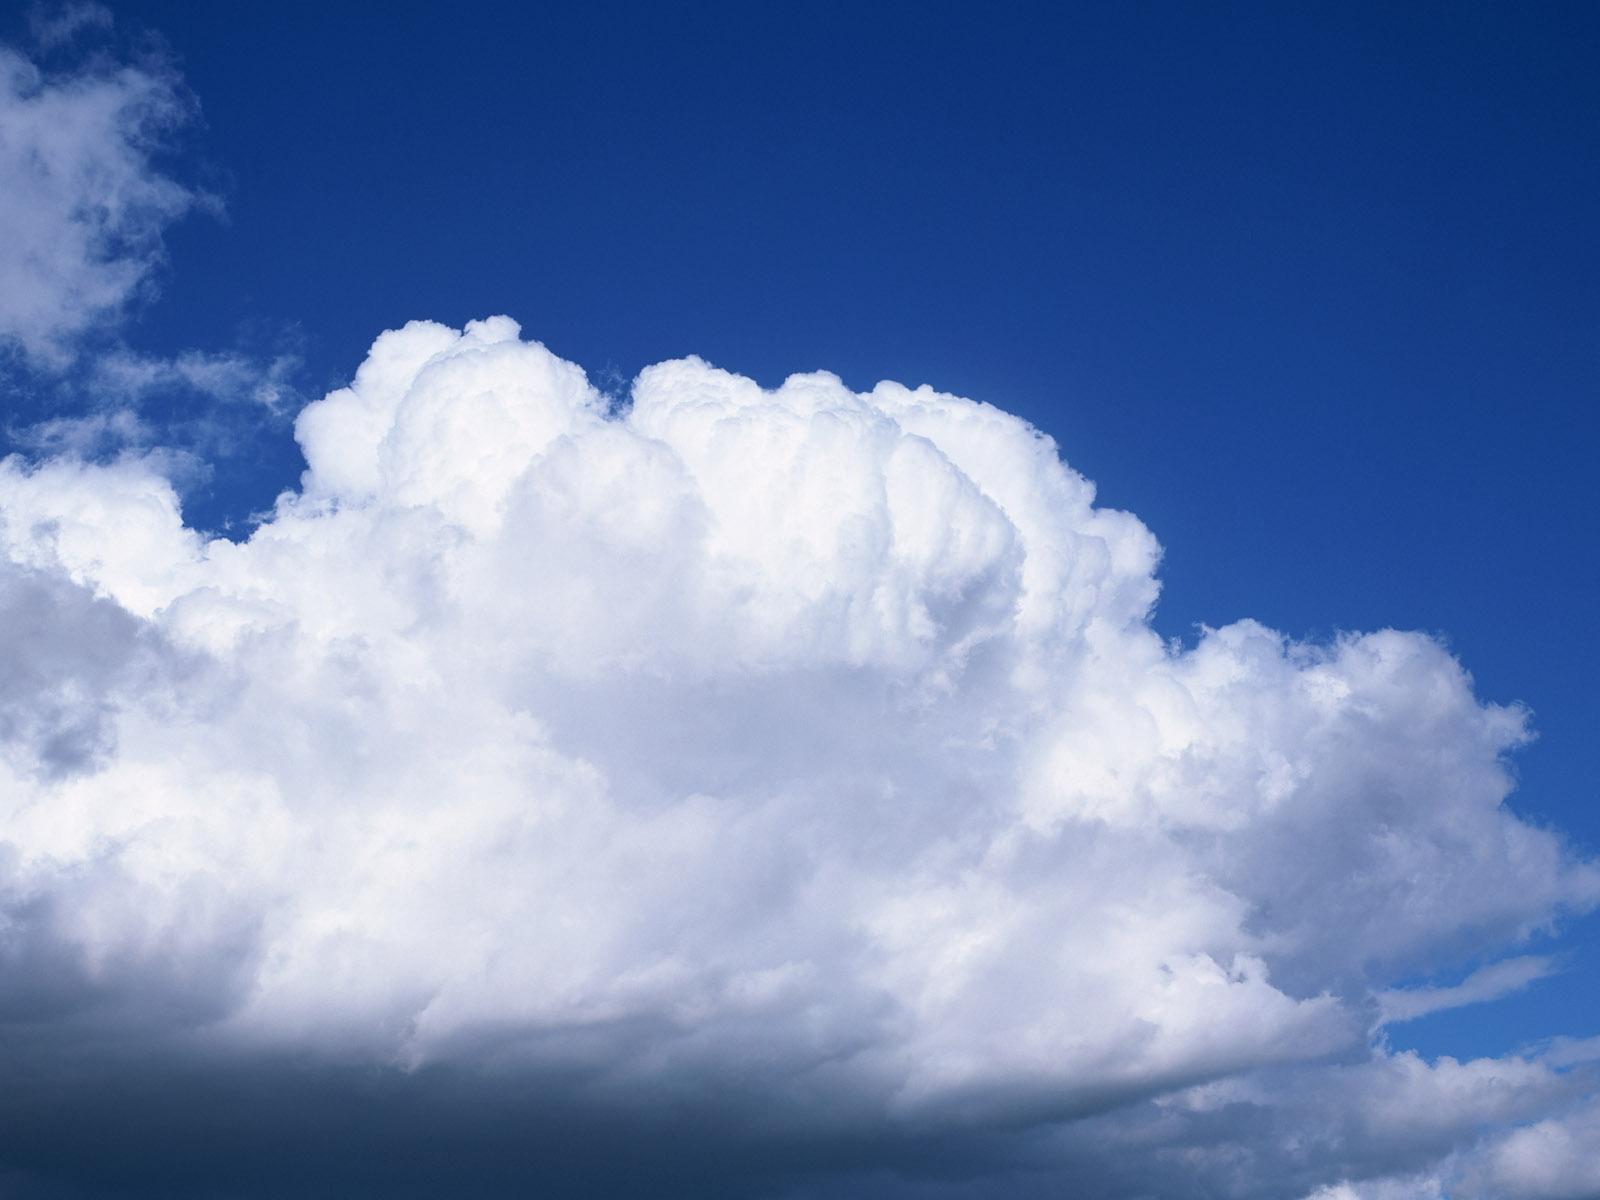 cloud wallpaper   weddingdressincom 1600x1200